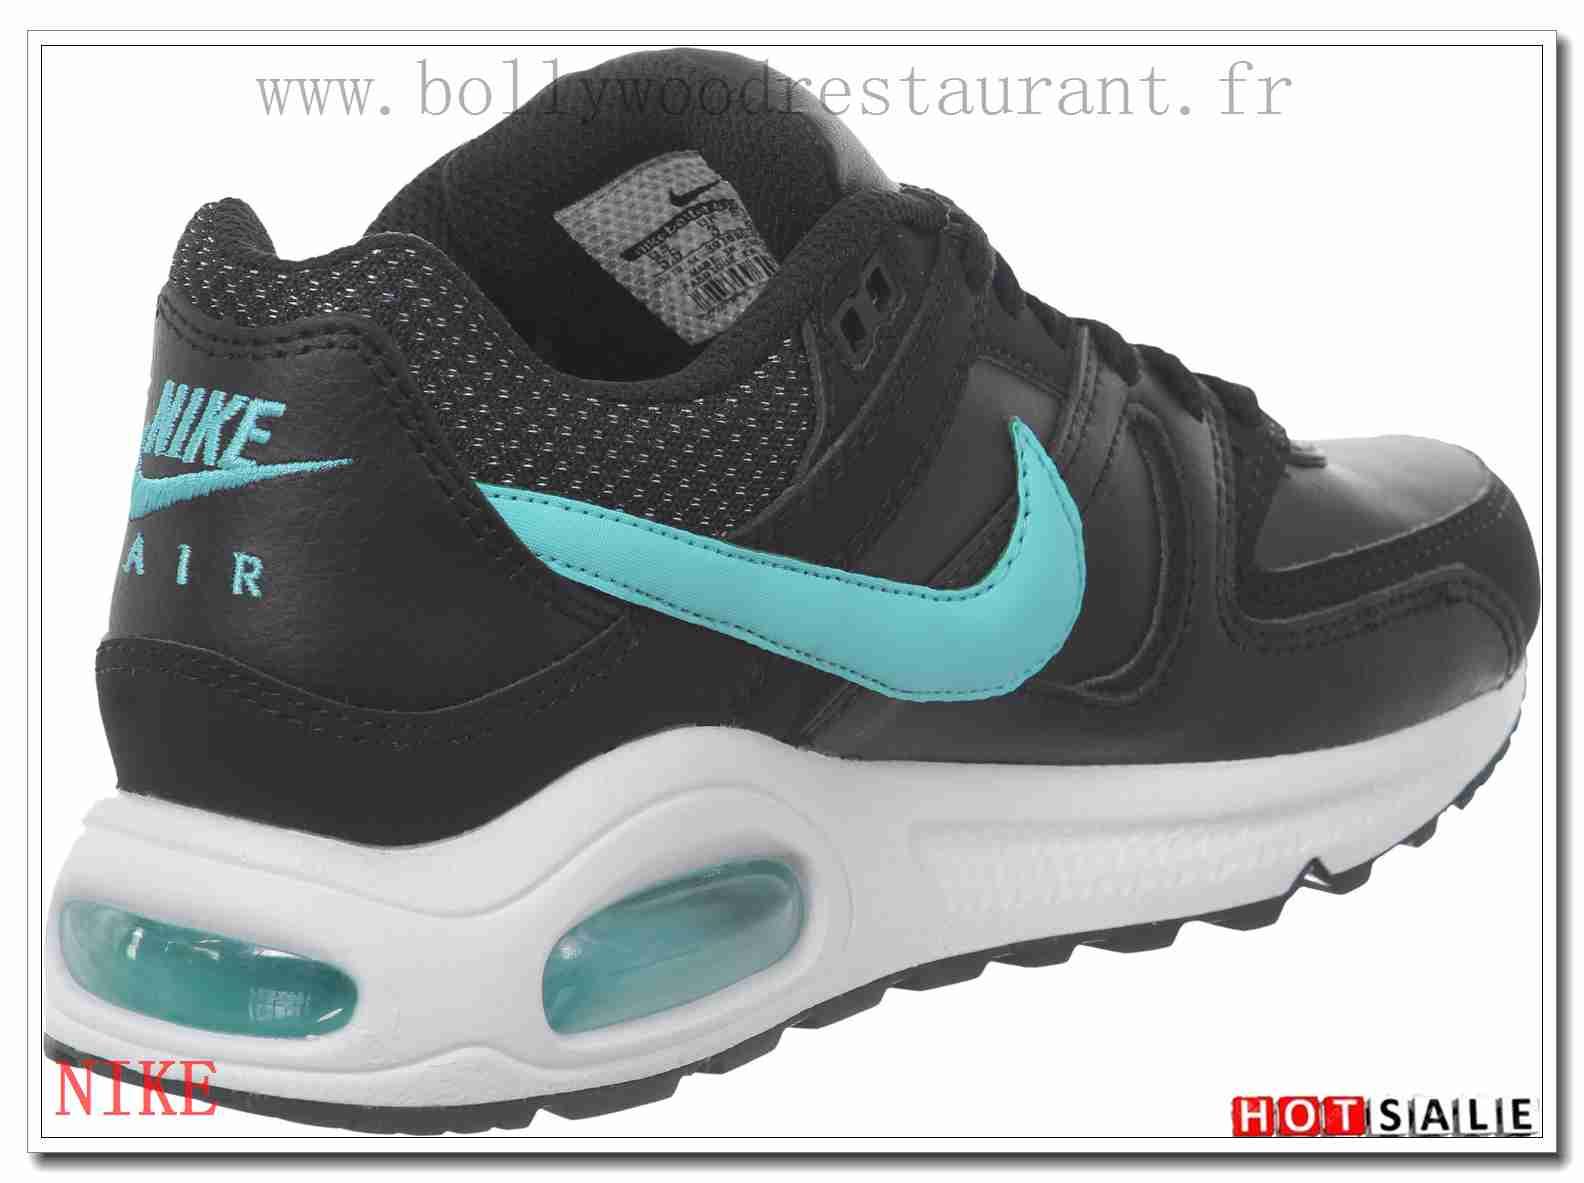 detailed look 24d78 fad5d TV5083 Achat Pas Cher Mondiaux 2018 Nouveau style Nike Air Max Command -  Femme Chaussures - Promotions Vente - H.K.Y. 388 - Taille   36~39